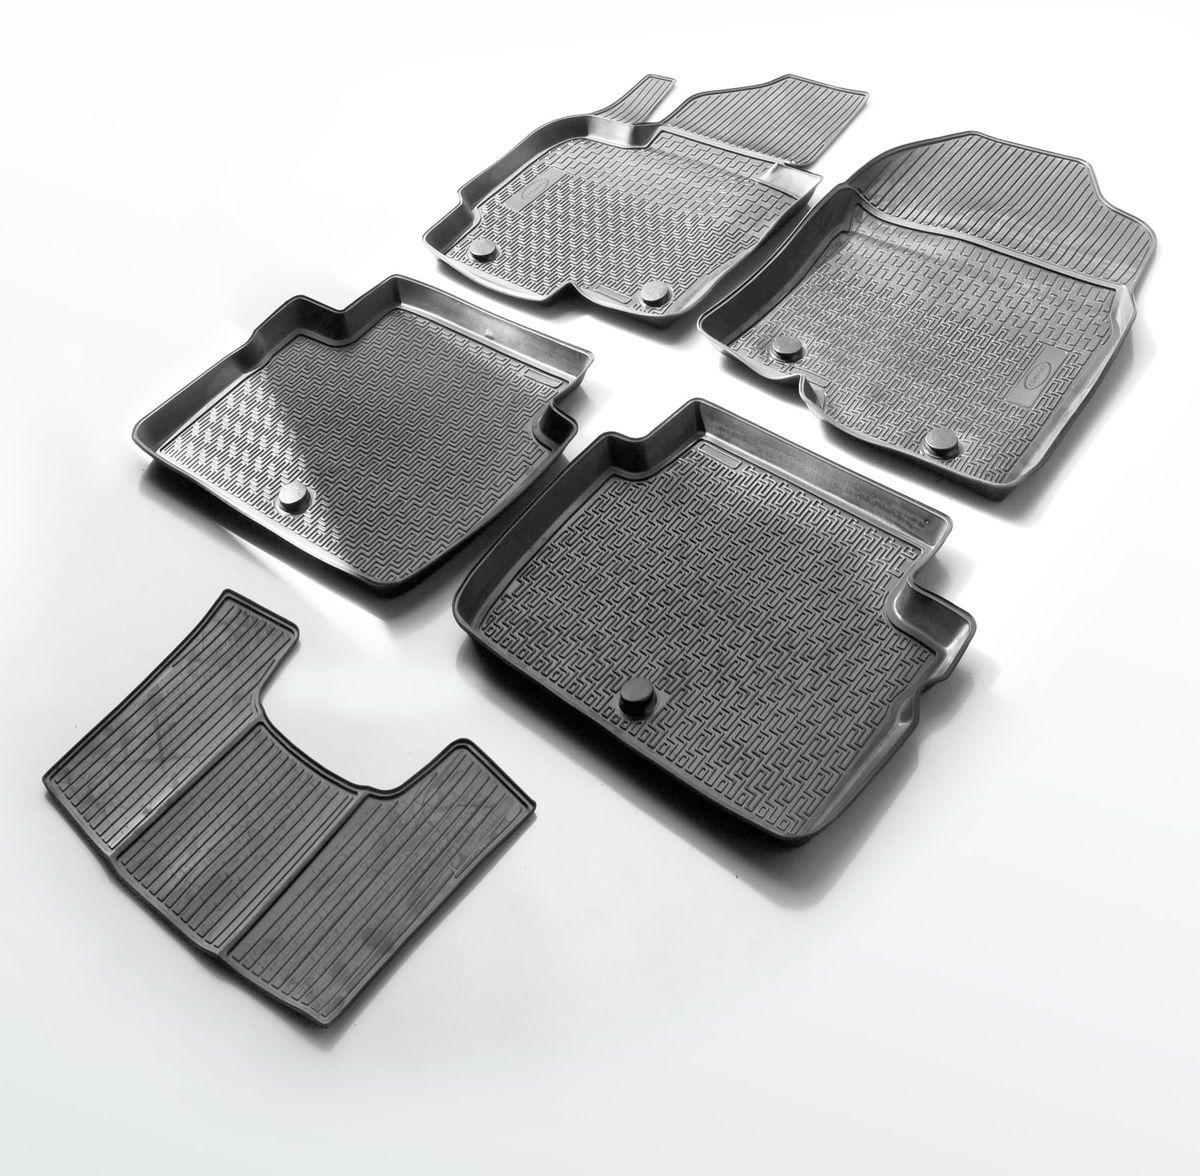 Коврики салона Rival для Nissan Qashqai (Российская сборка) 2015-, c перемычкой, полиуретан21395599Прочные и долговечные коврики Rival в салон автомобиля, изготовлены из высококачественного и экологичного сырья, полностью повторяют геометрию салона вашего автомобиля.- Надежная система крепления, позволяющая закрепить коврик на штатные элементы фиксации, в результате чего отсутствует эффект скольжения по салону автомобиля.- Высокая стойкость поверхности к стиранию.- Специализированный рисунок и высокий борт, препятствующие распространению грязи и жидкости по поверхности коврика.- Перемычка задних ковриков в комплекте предотвращает загрязнение тоннеля карданного вала.- Произведены из первичных материалов, в результате чего отсутствует неприятный запах в салоне автомобиля.- Высокая эластичность, можно беспрепятственно эксплуатировать при температуре от -45 ?C до +45 ?C.Уважаемые клиенты!Обращаем ваше внимание,что коврики имеет формусоответствующую модели данного автомобиля. Фото служит для визуального восприятия товара.